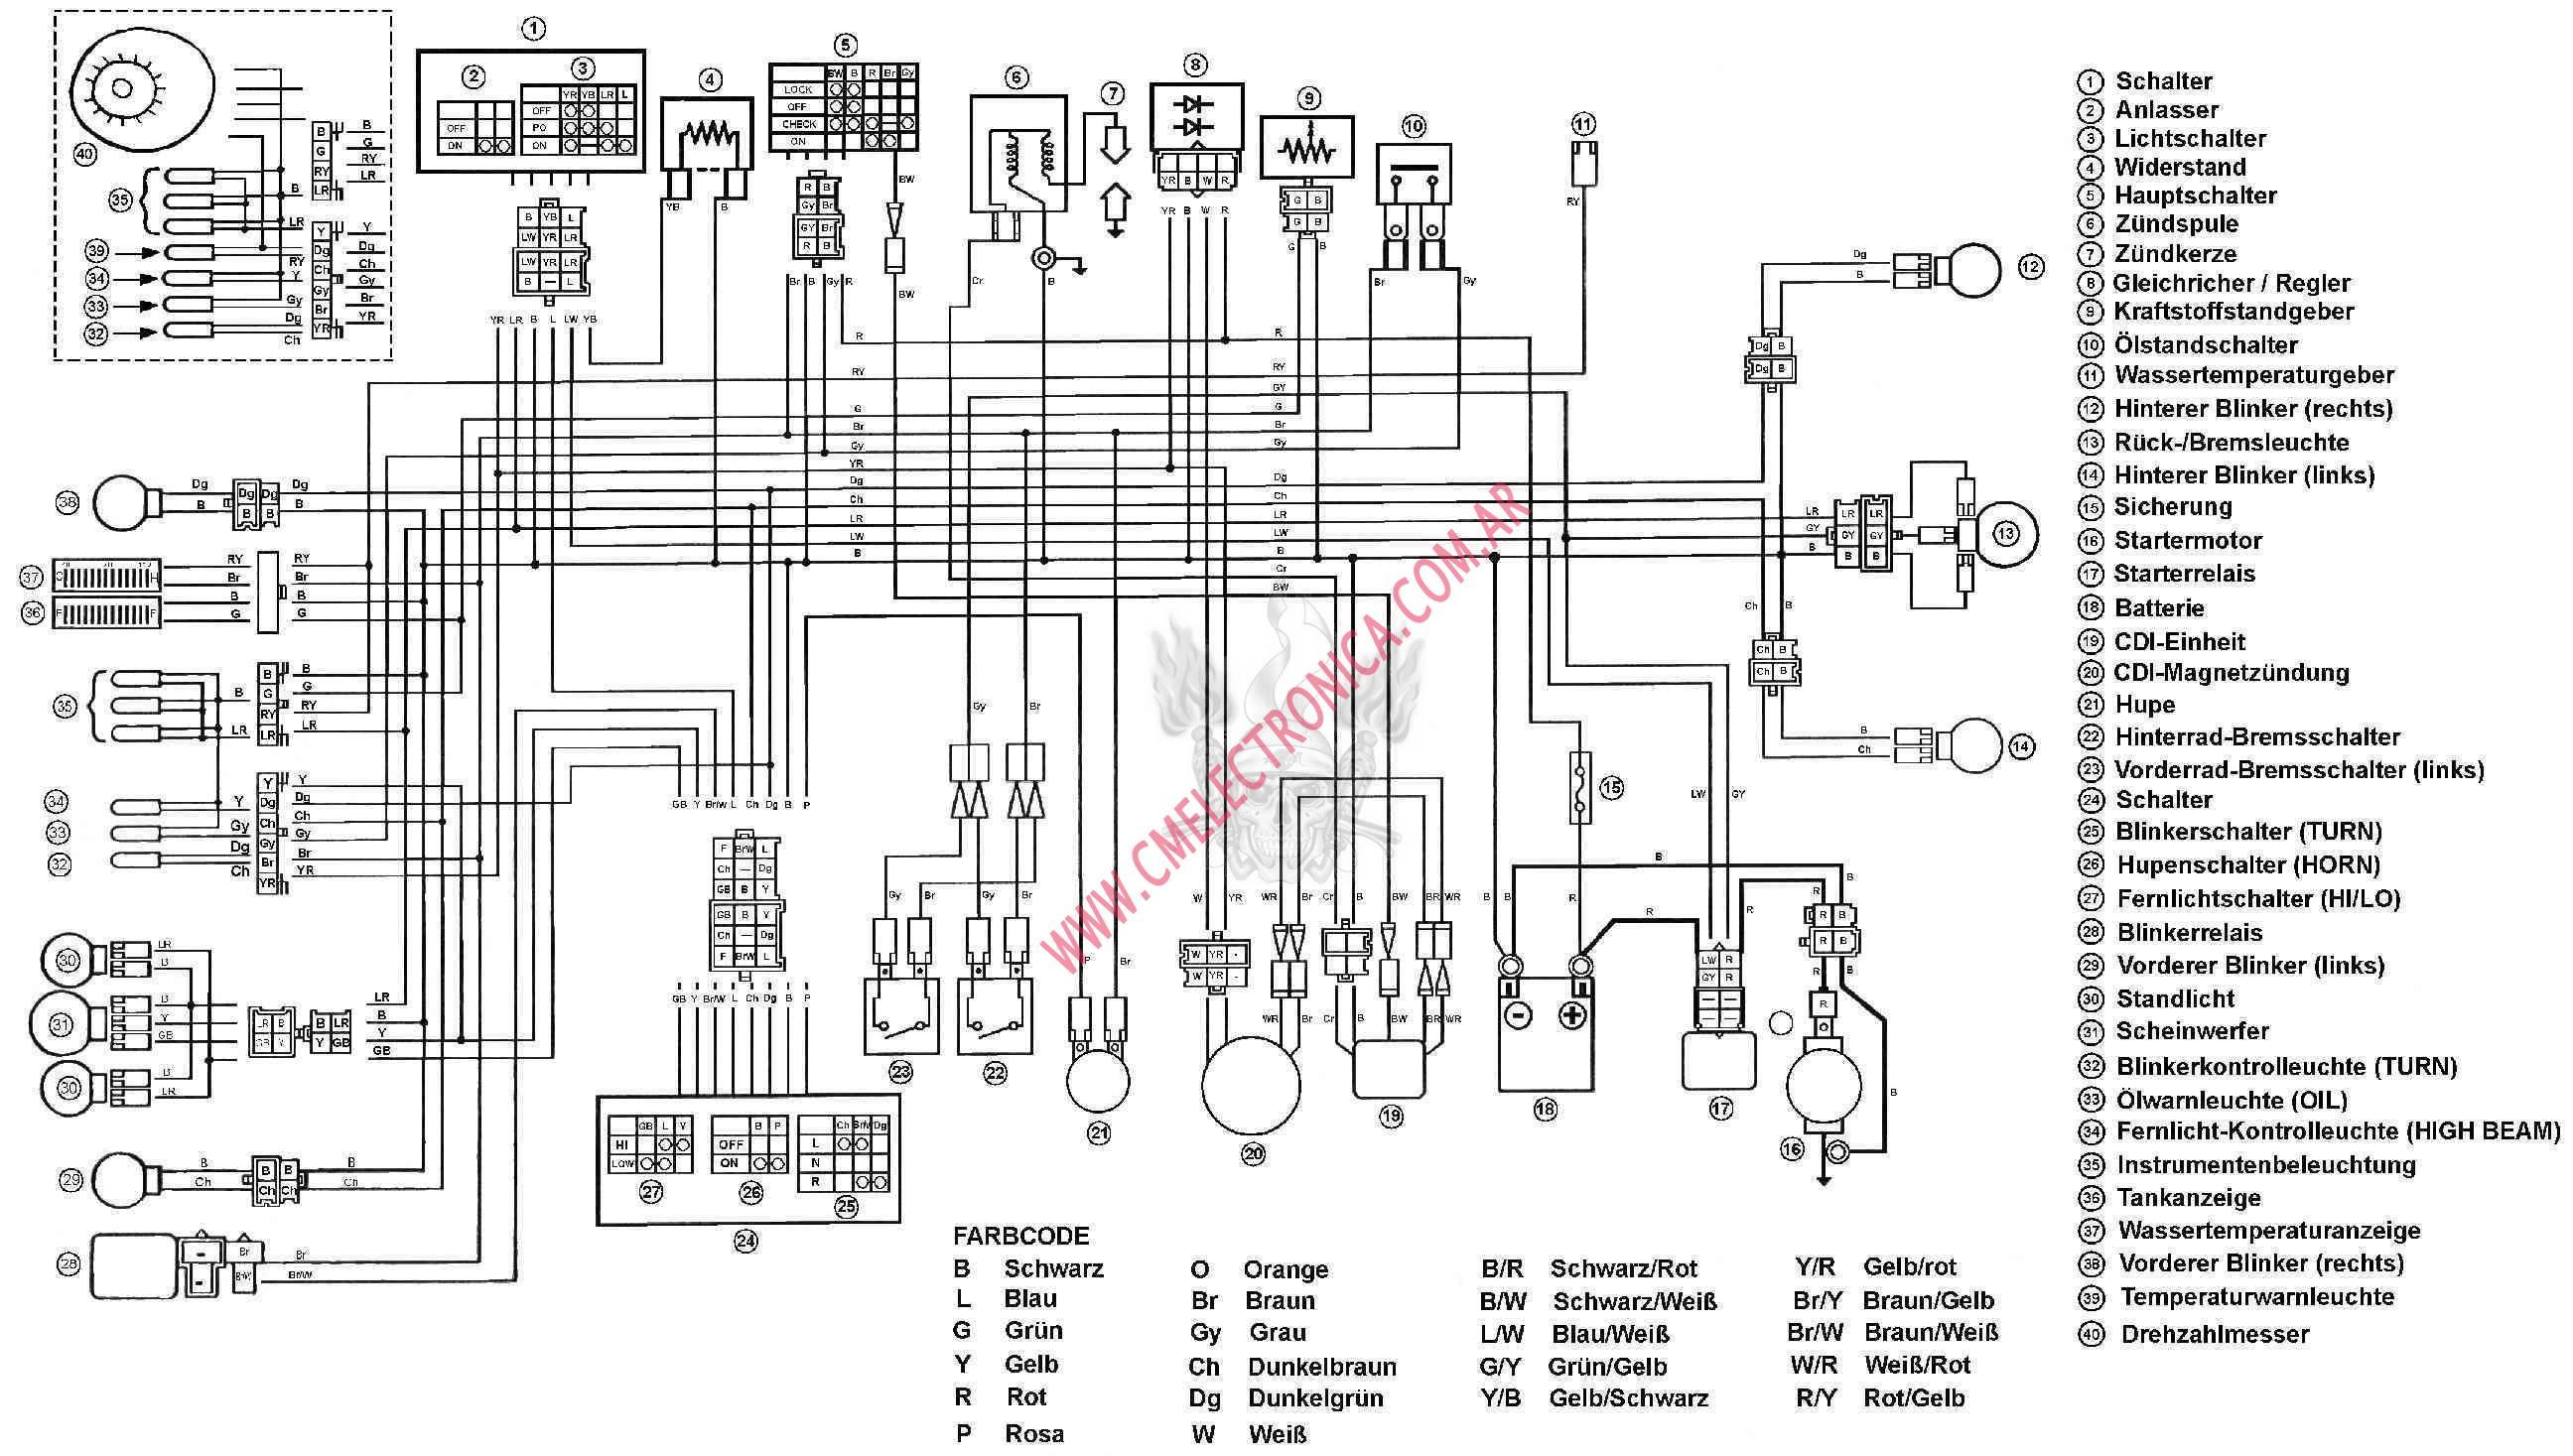 yamaha jog r wiring diagram wiring diagram yamaha aerox 155 manual pdf at Yamaha Aerox Yq 50 Wiring Diagram